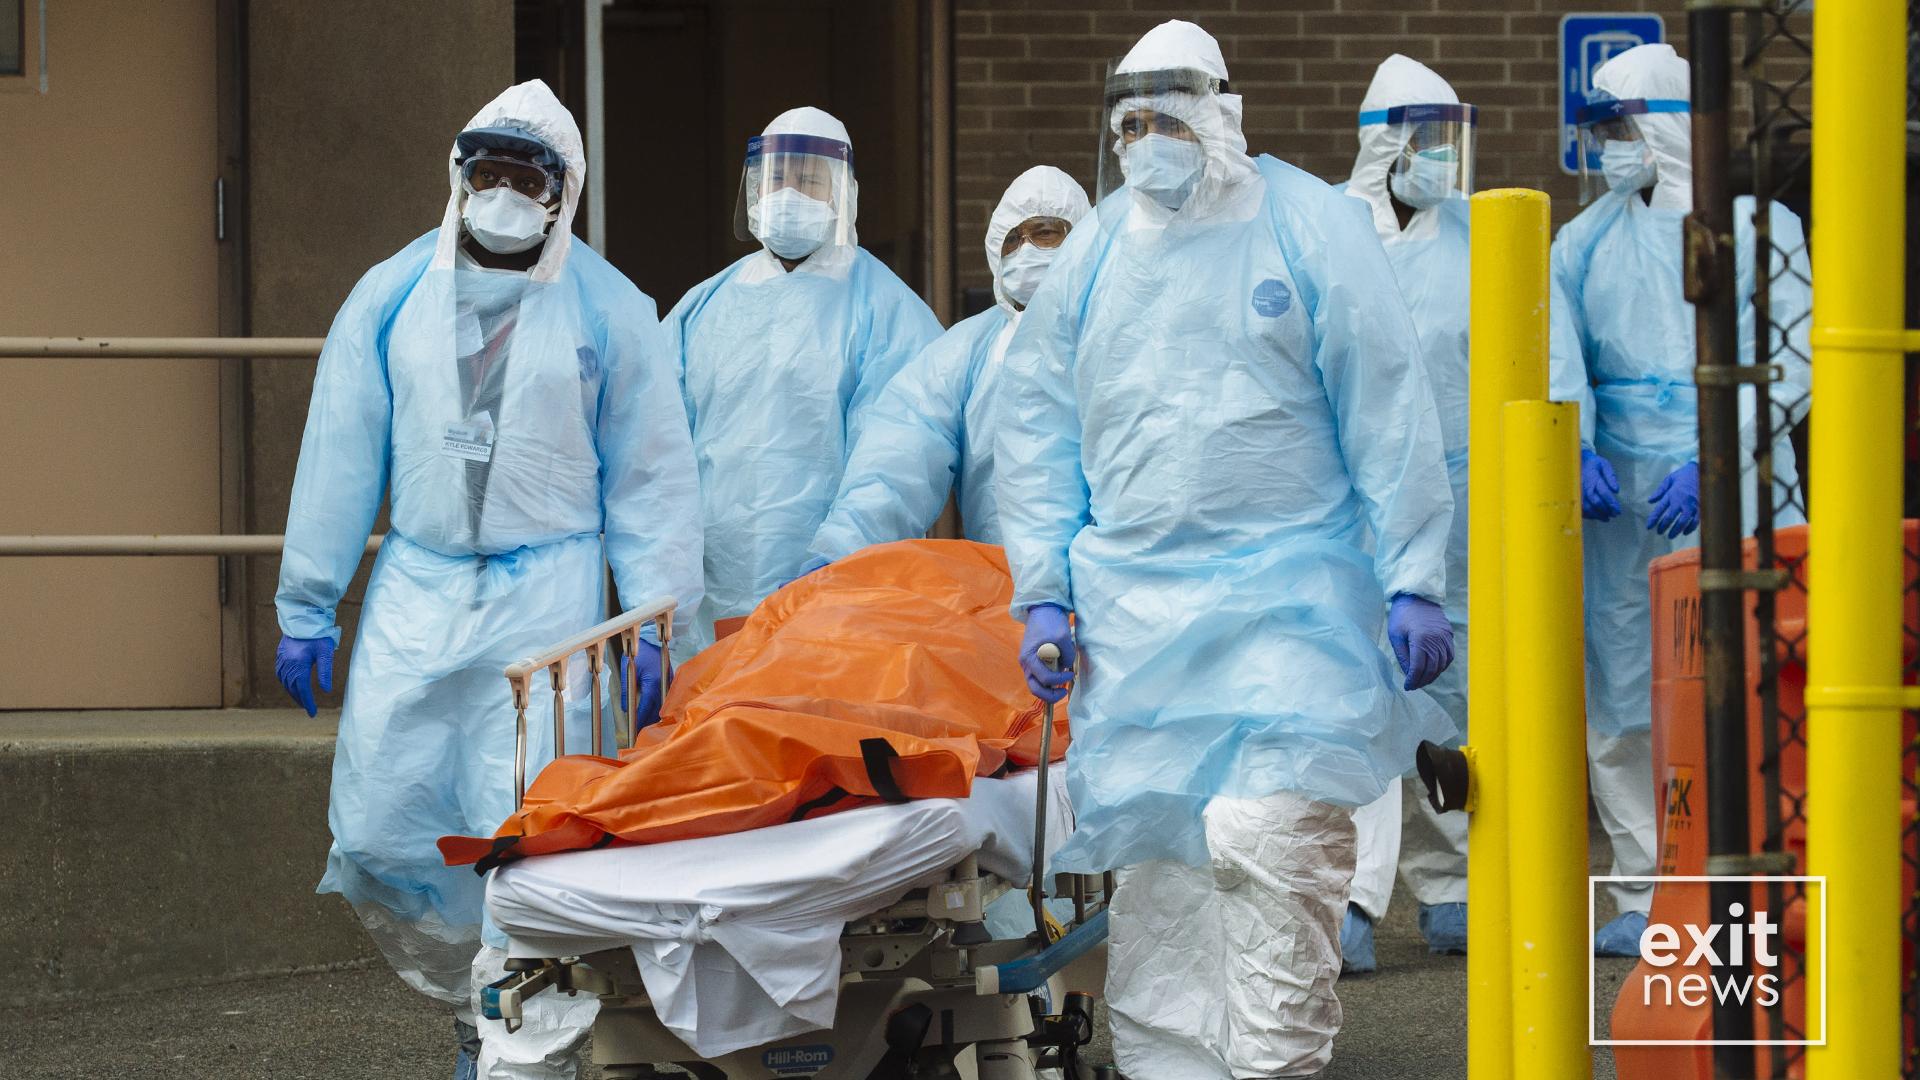 Britania regjistron mbi 80 mijë viktima që nga fillimi i pandemisë